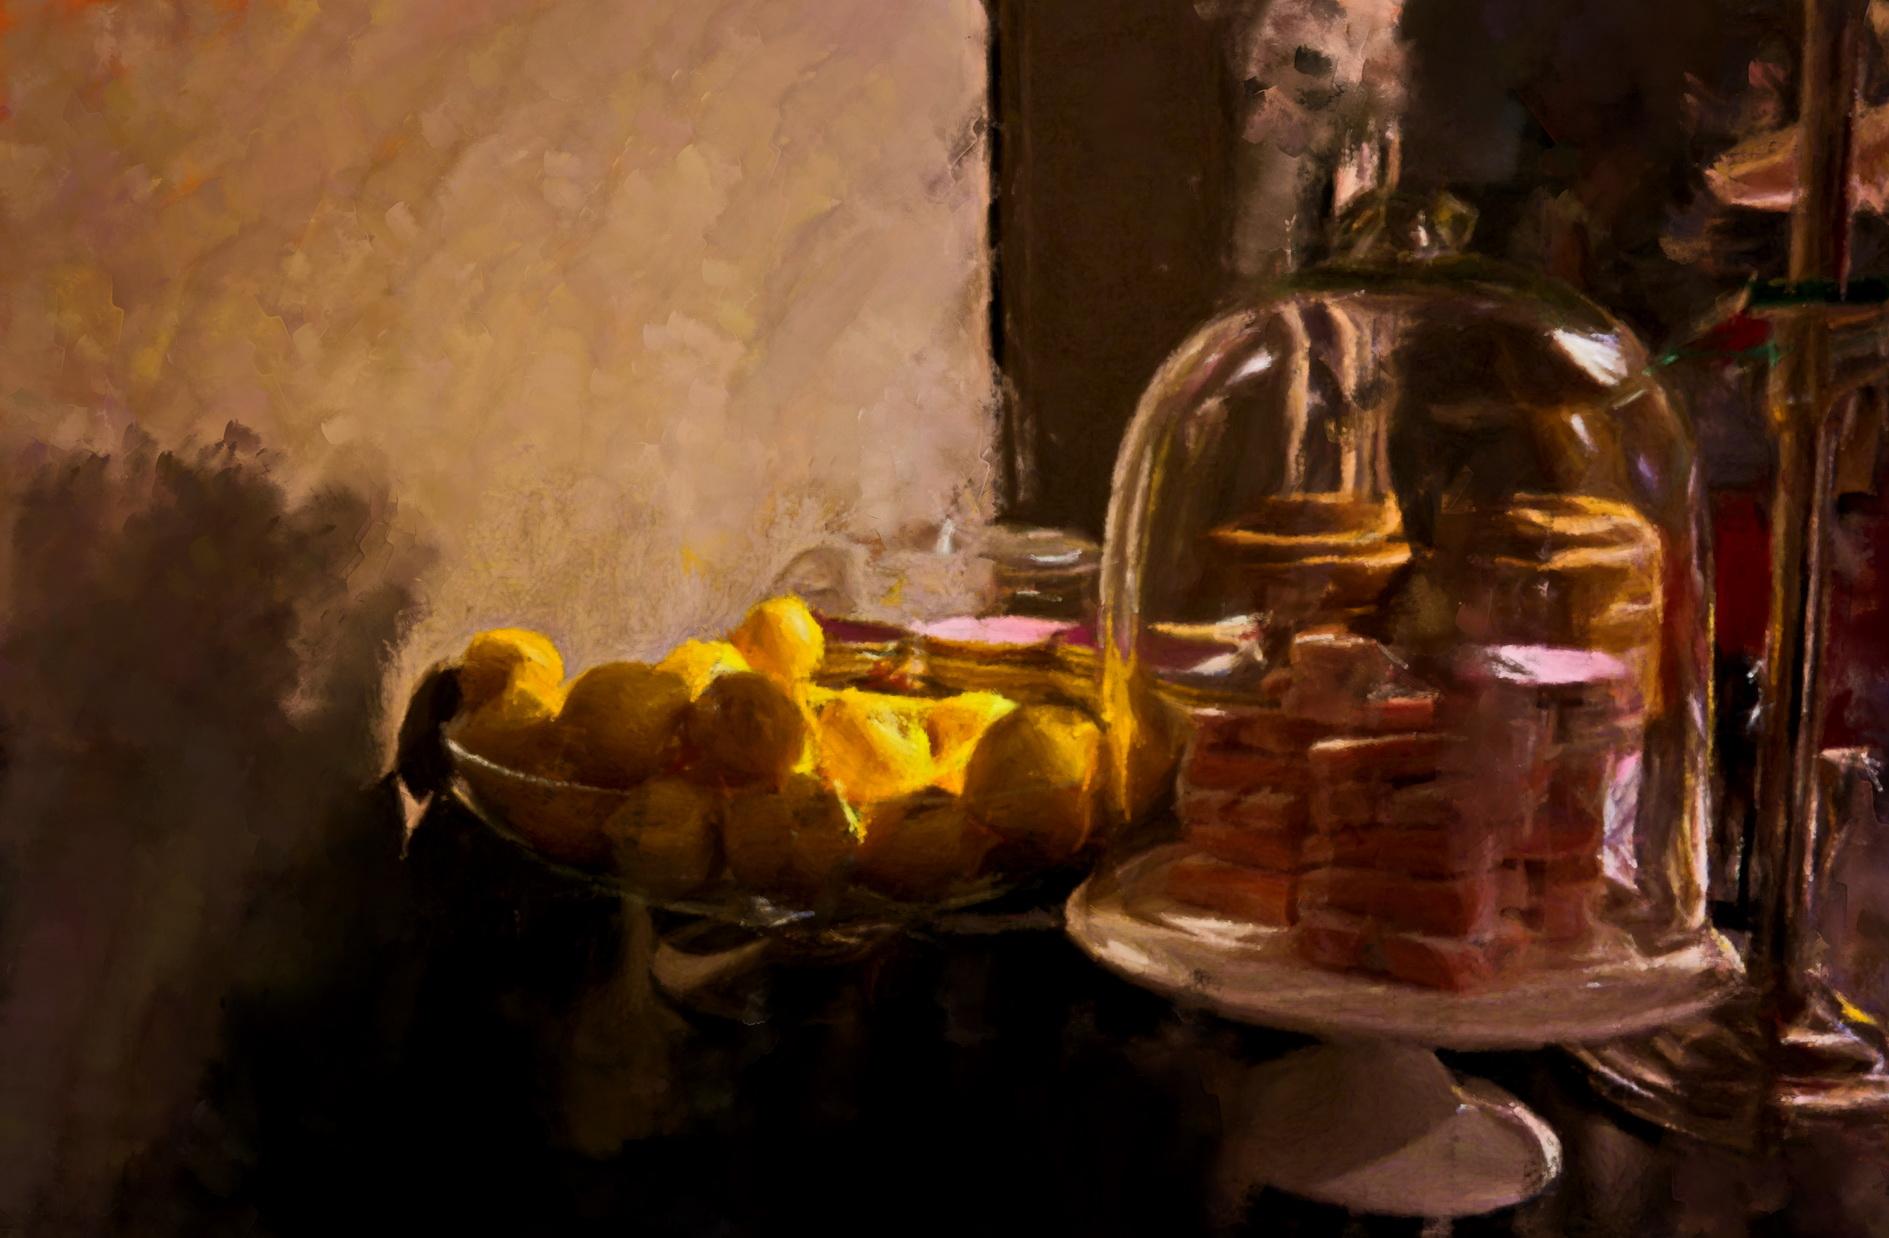 Citroenen en sfeer Flamant Interiors, een schilderij door de kunstenaar Laure van de Meele